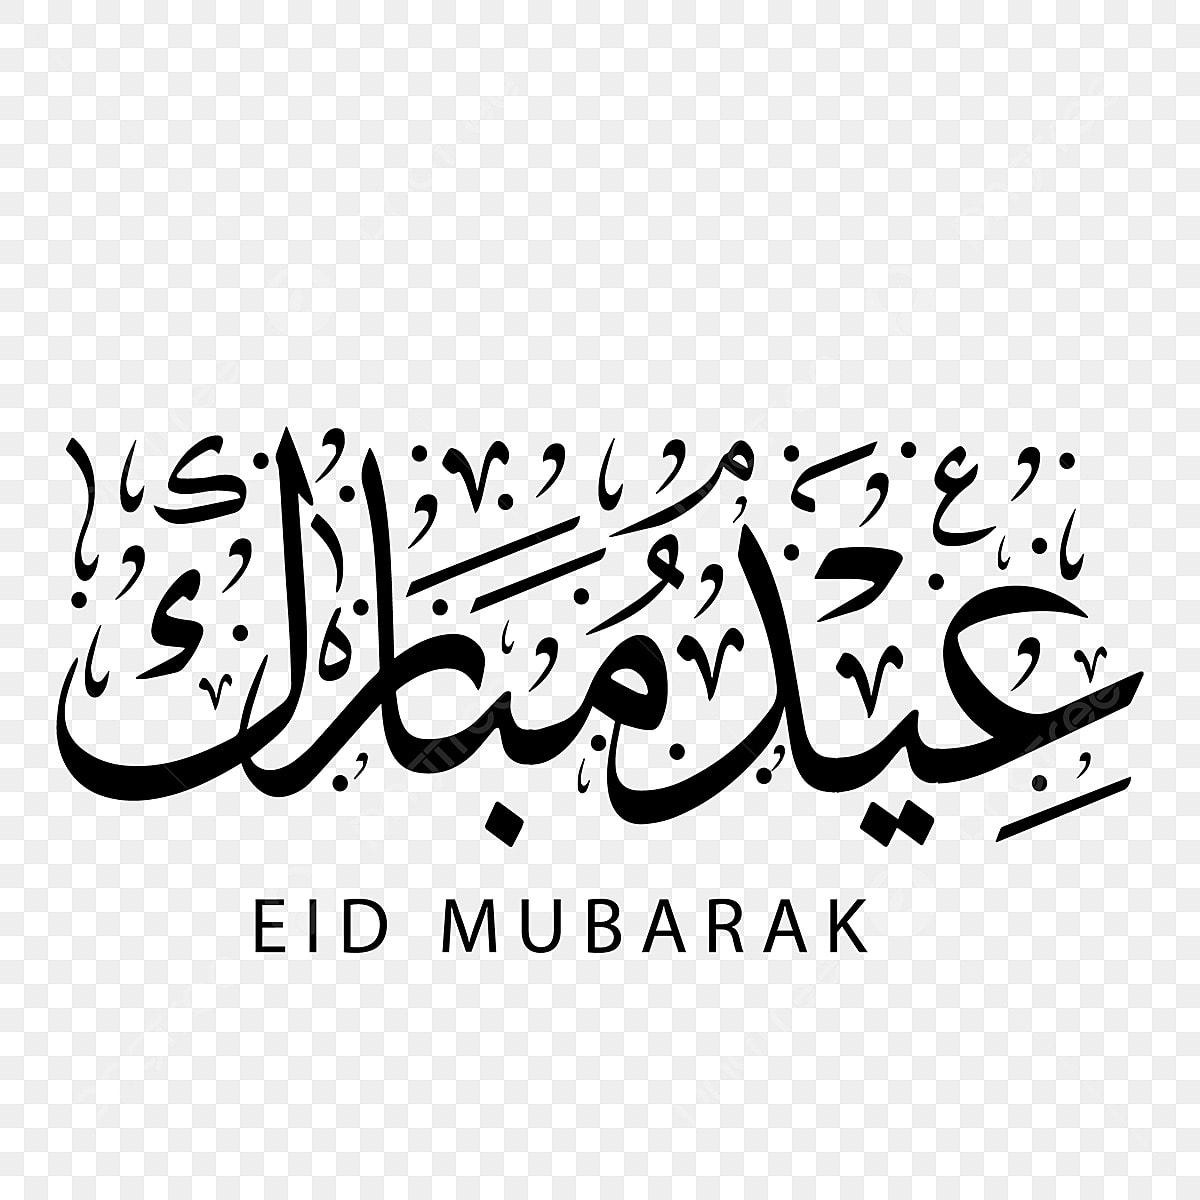 Eid Mubarak Kaligrafi Eid Mubarak Kaligrafi Png Dan Vektor Untuk